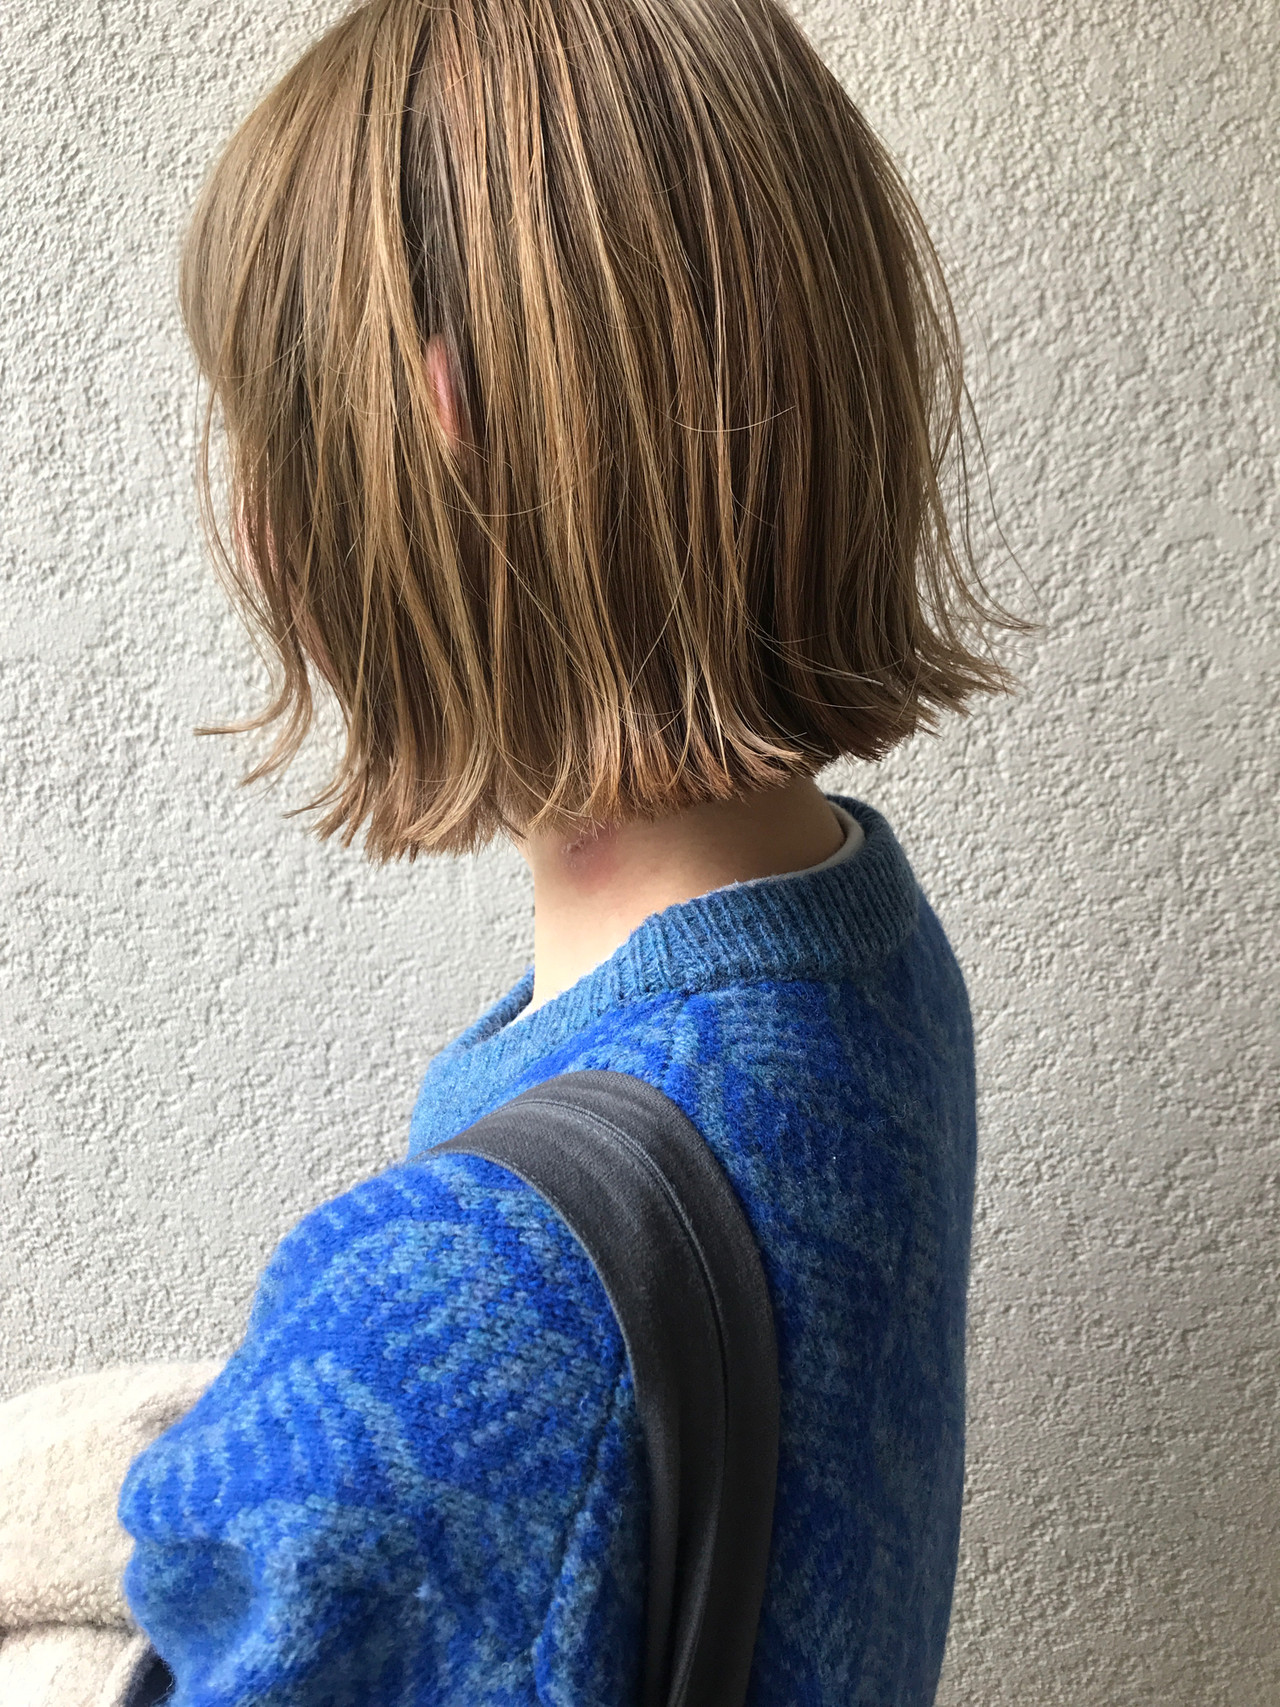 ブリーチオンカラー ミルクティーベージュ ミニボブ ヌーディーベージュ ヘアスタイルや髪型の写真・画像